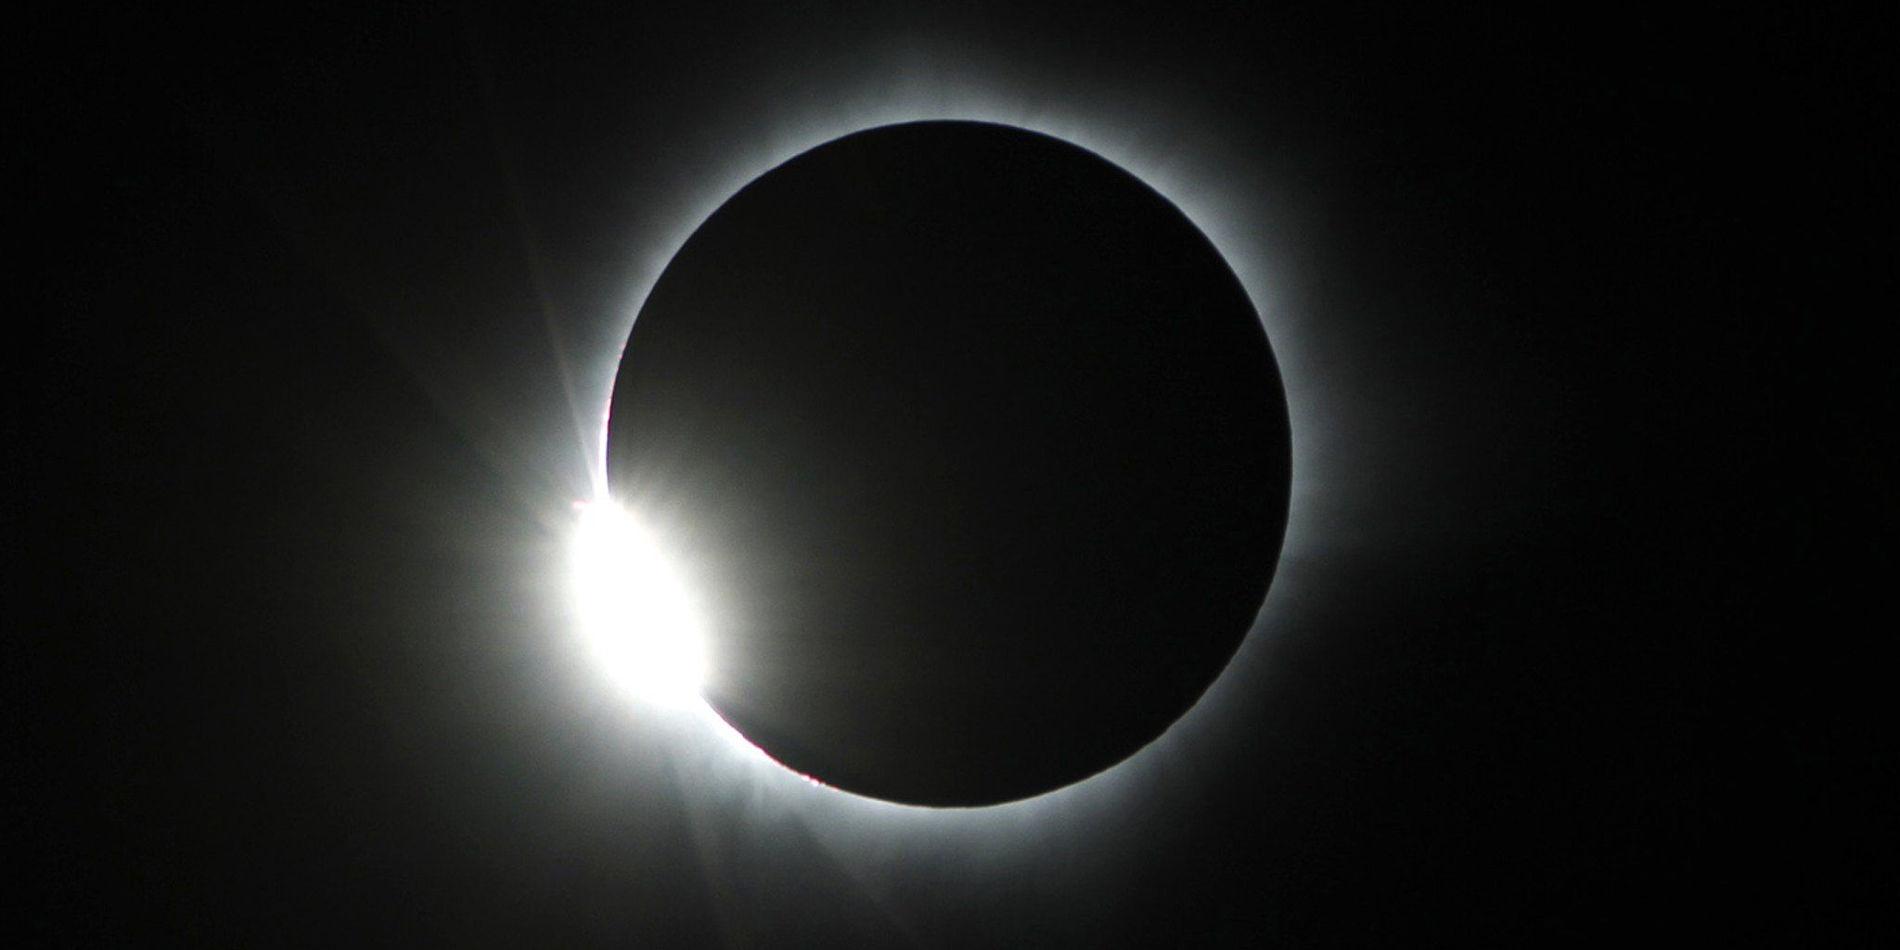 Hora para ver el eclipse de sol en Colombia - Ciencia - Vida ...